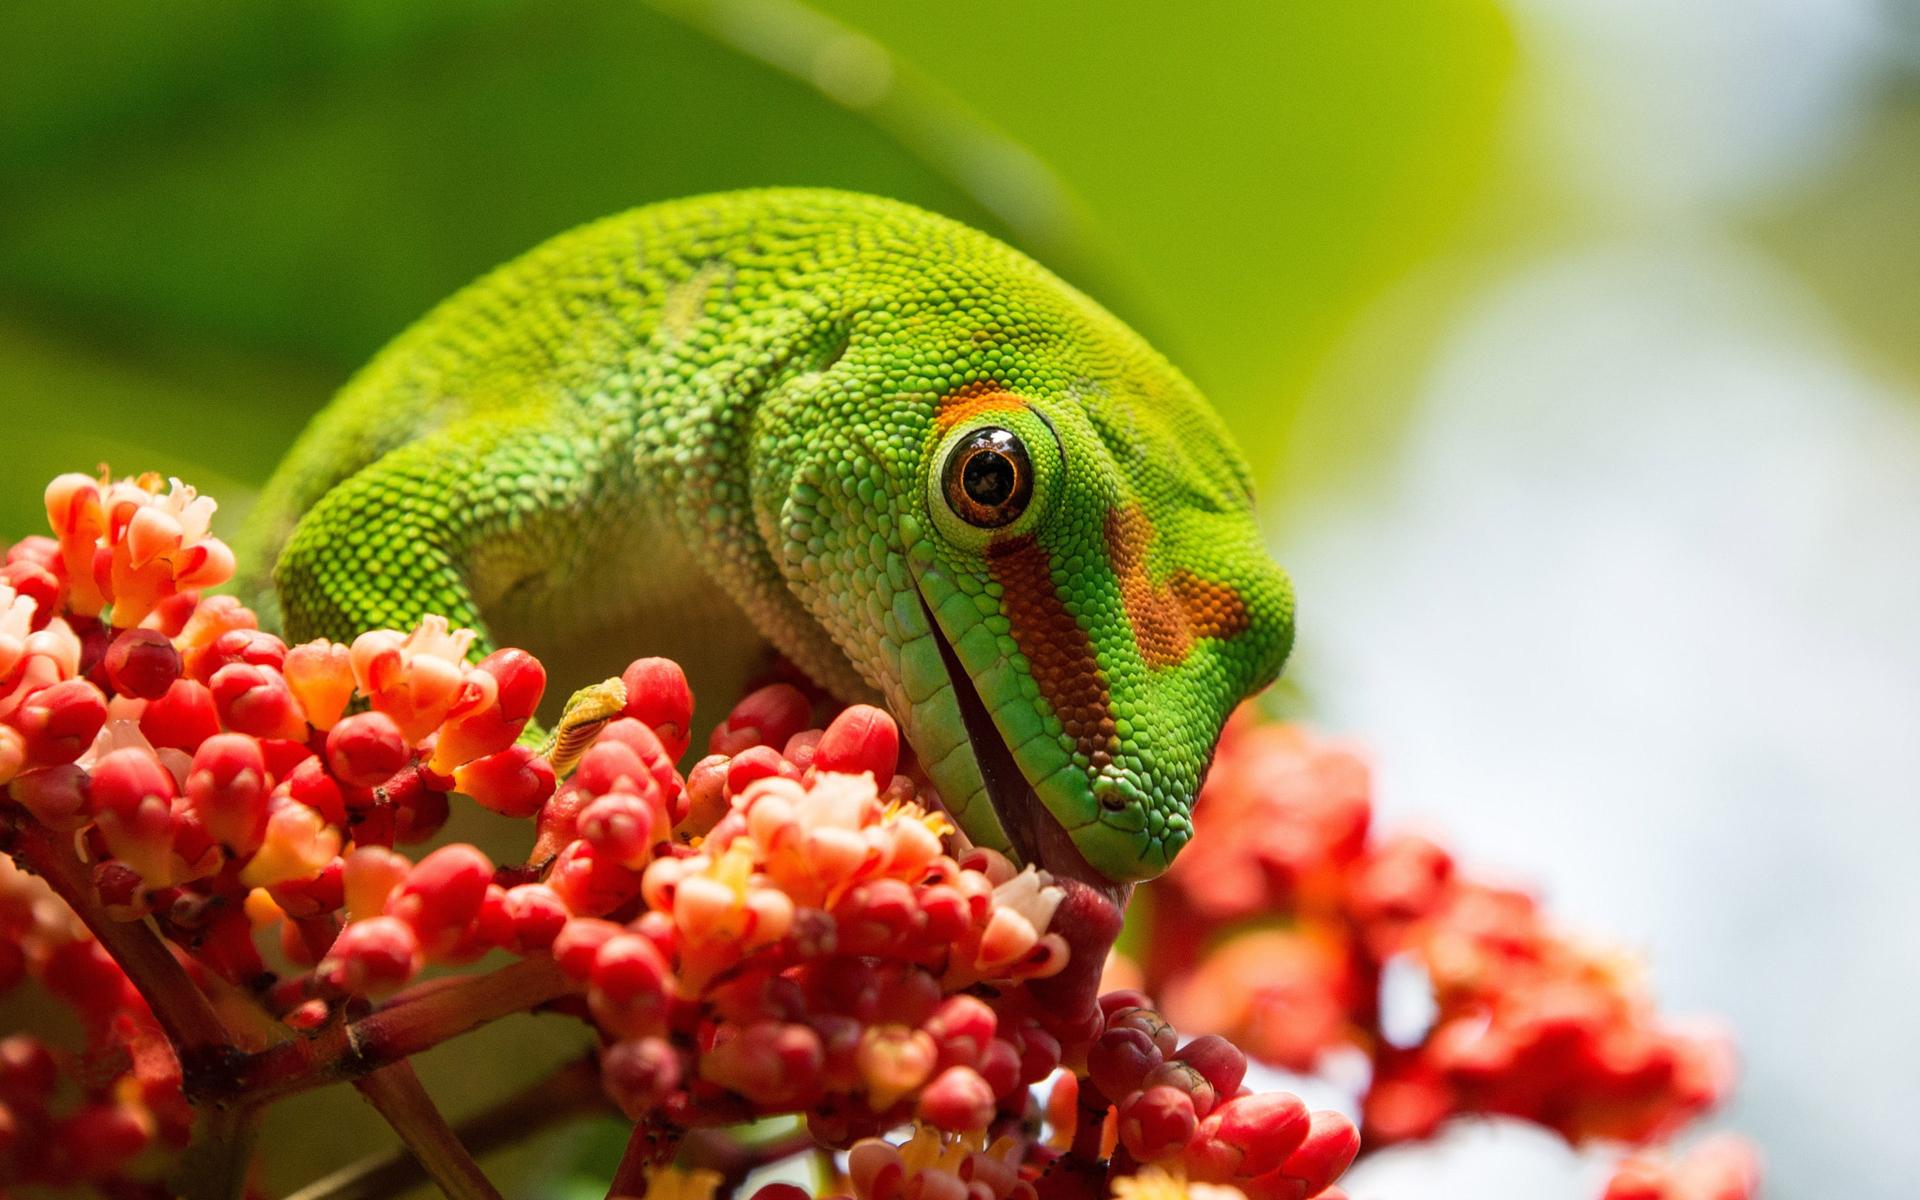 Картинка: Ящерица, Геккон, фельзум, ест, язык, зелёный